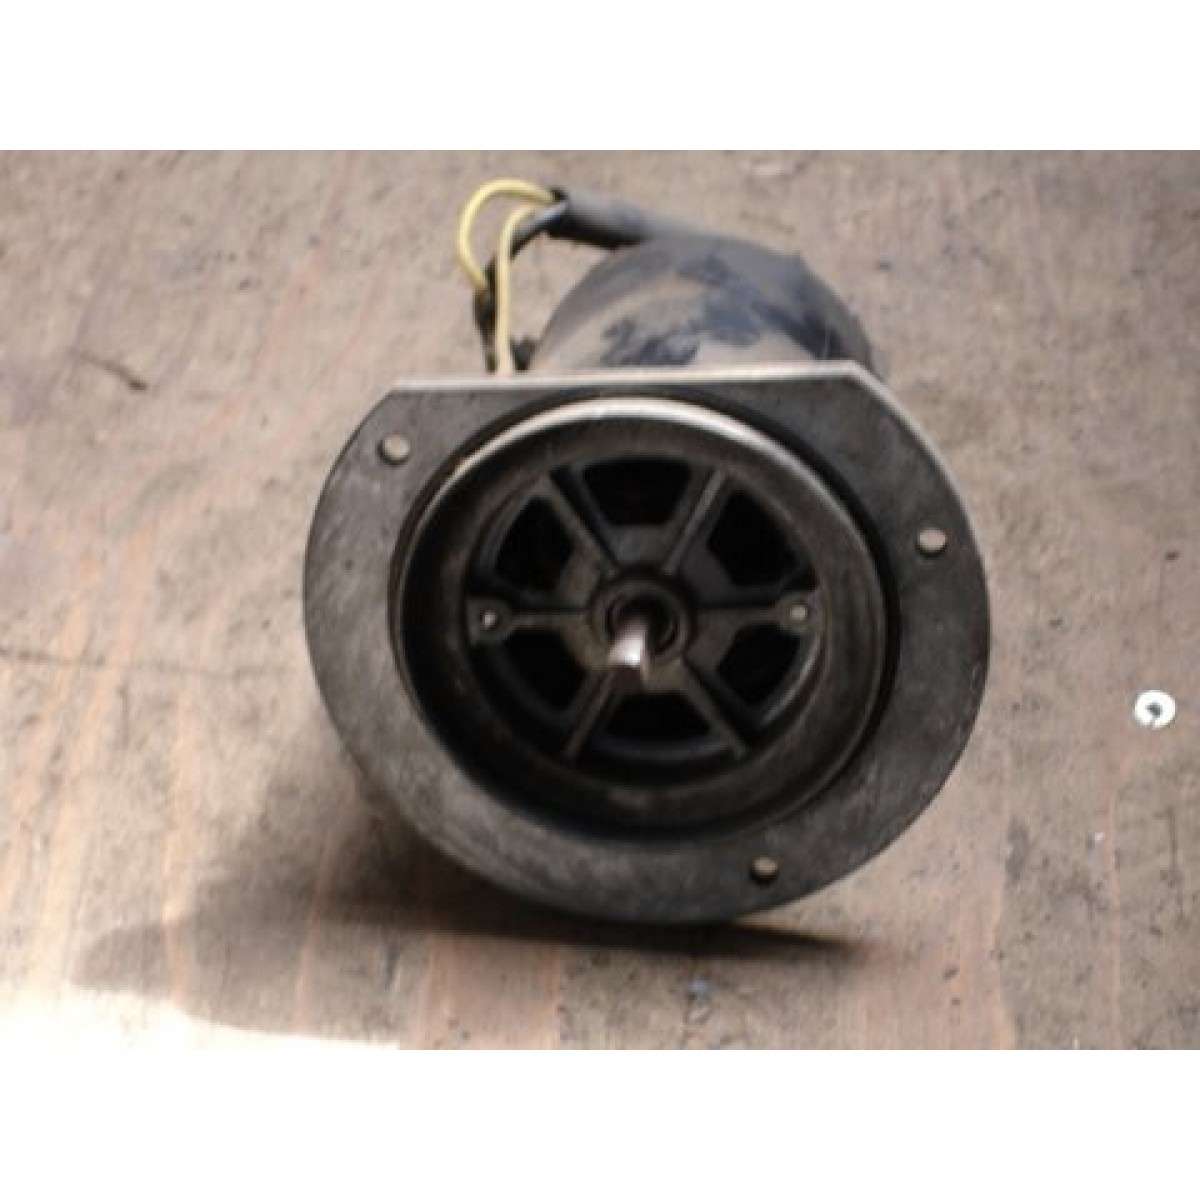 Saabonderdelen.be Interieur ventilator gebruikt voor SAAB 99. Vinkeveen